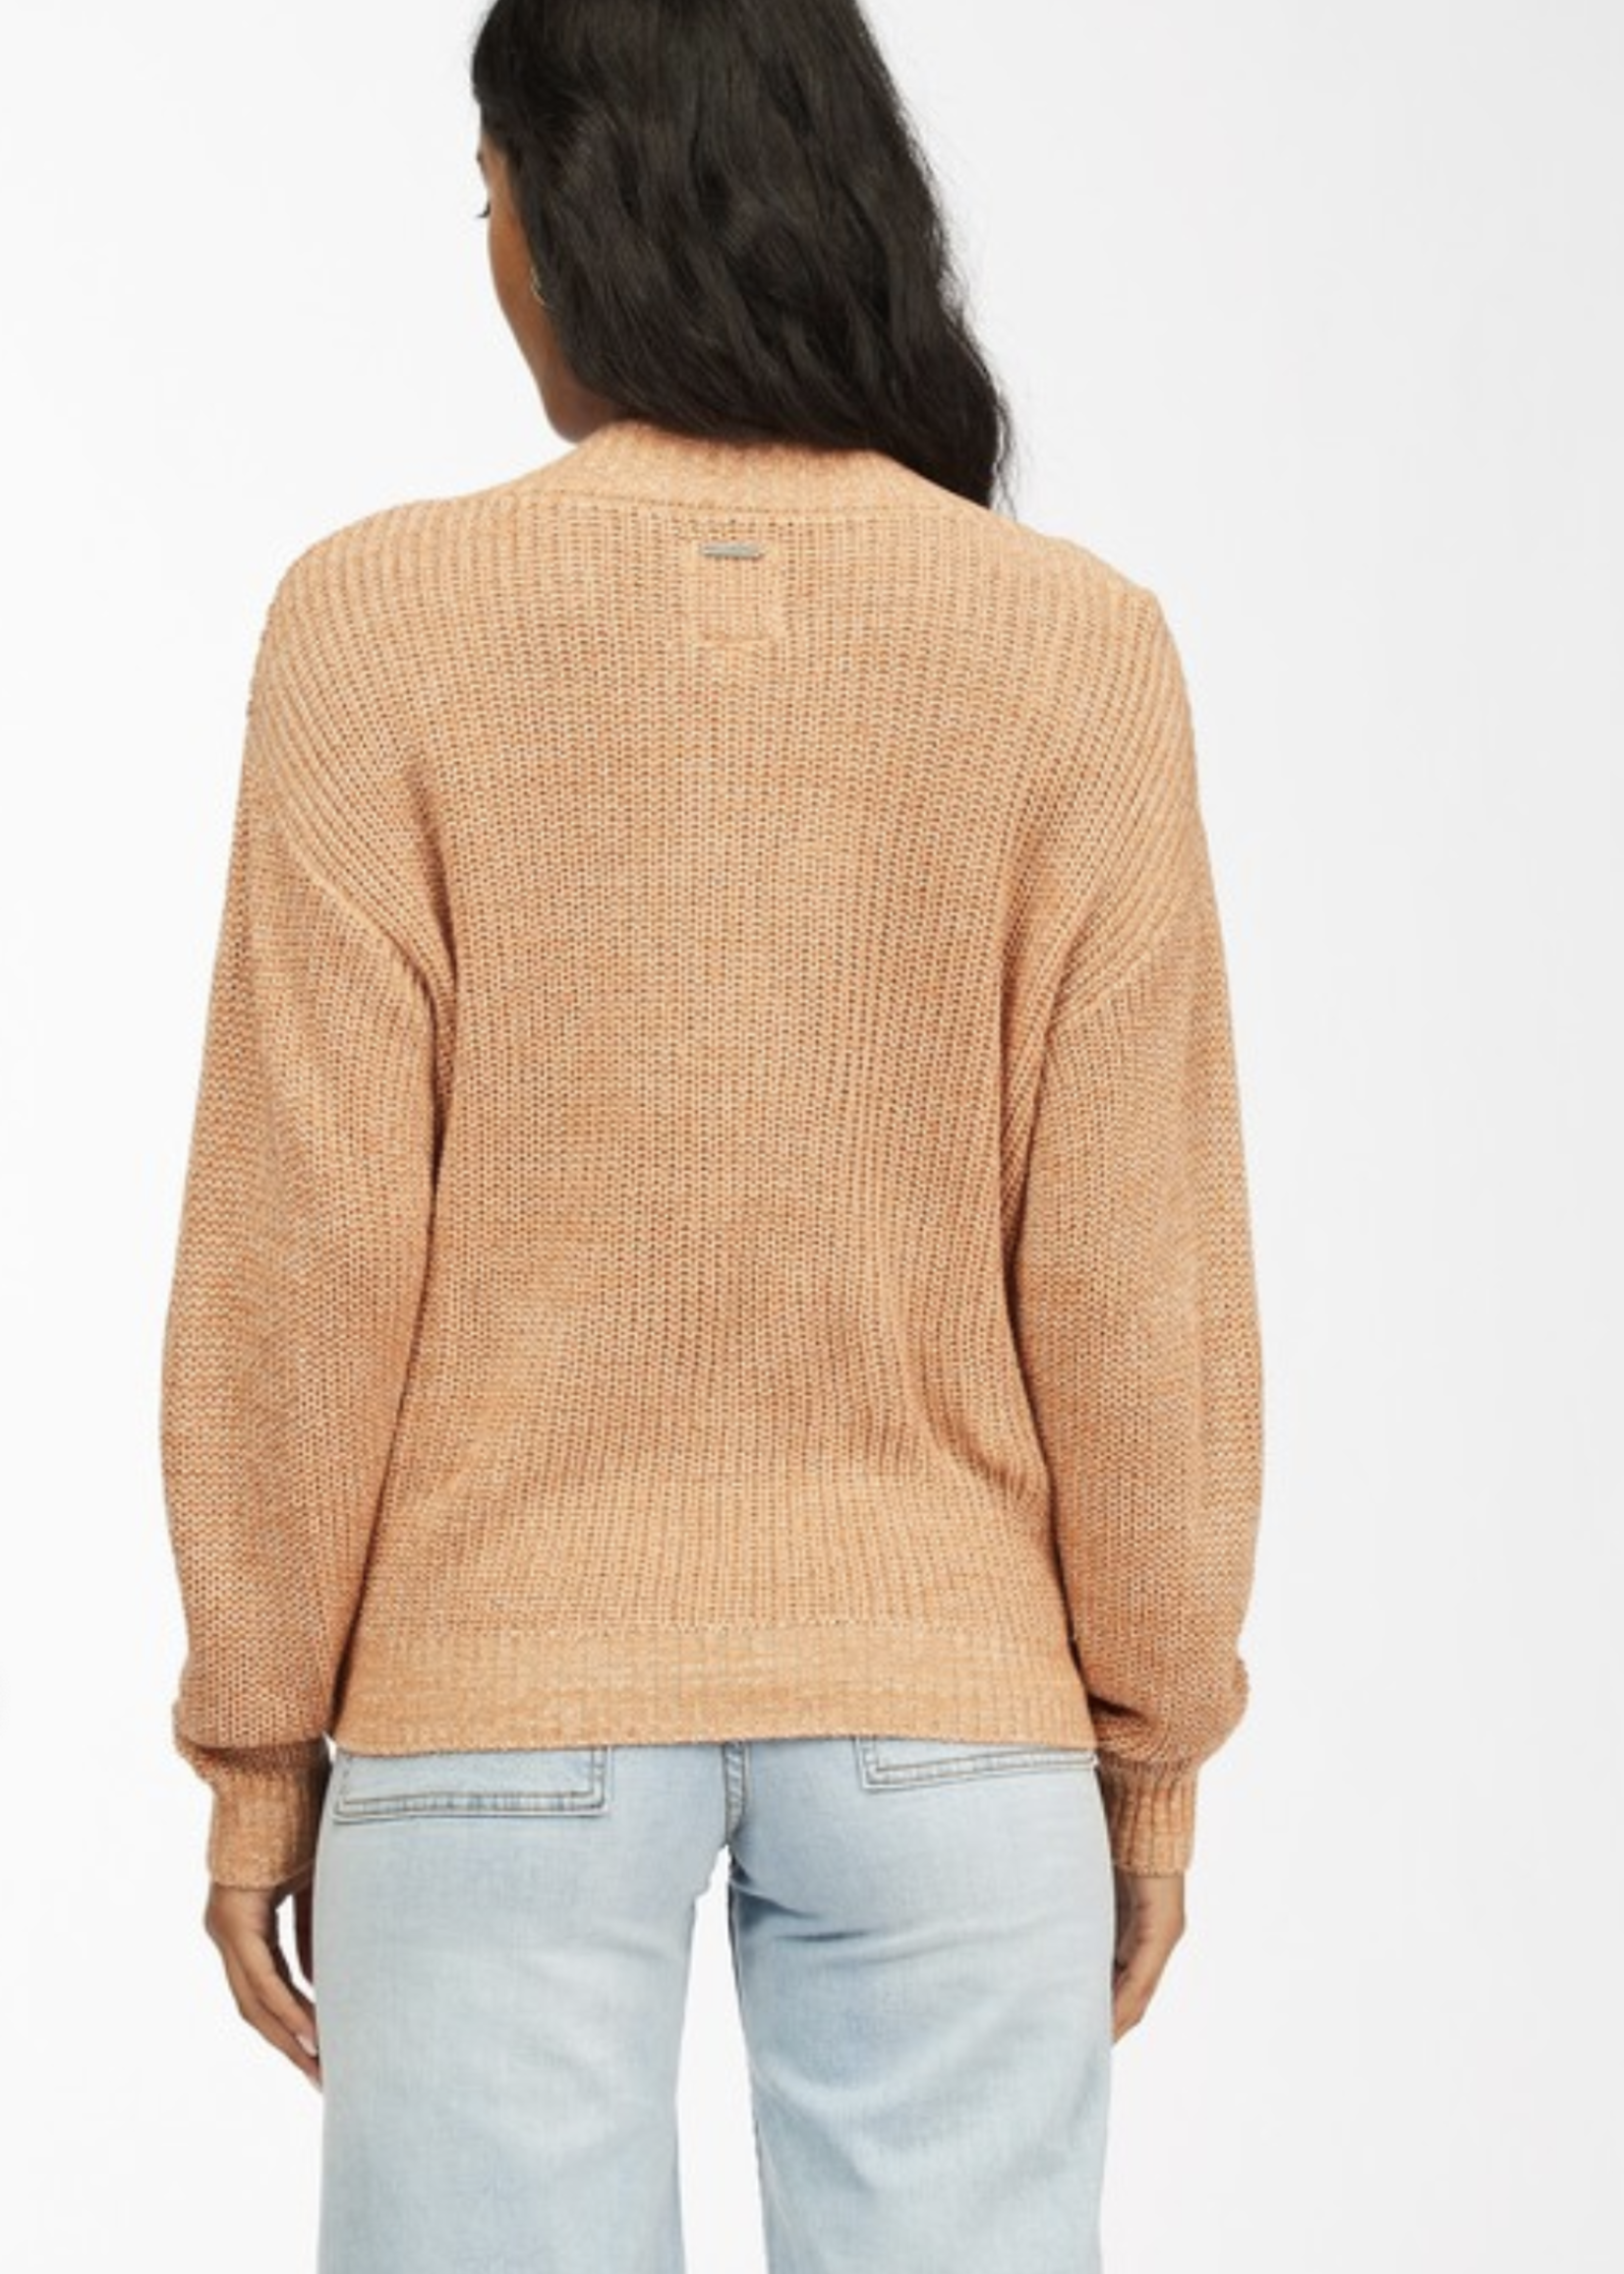 billabong billabong bring it sweater